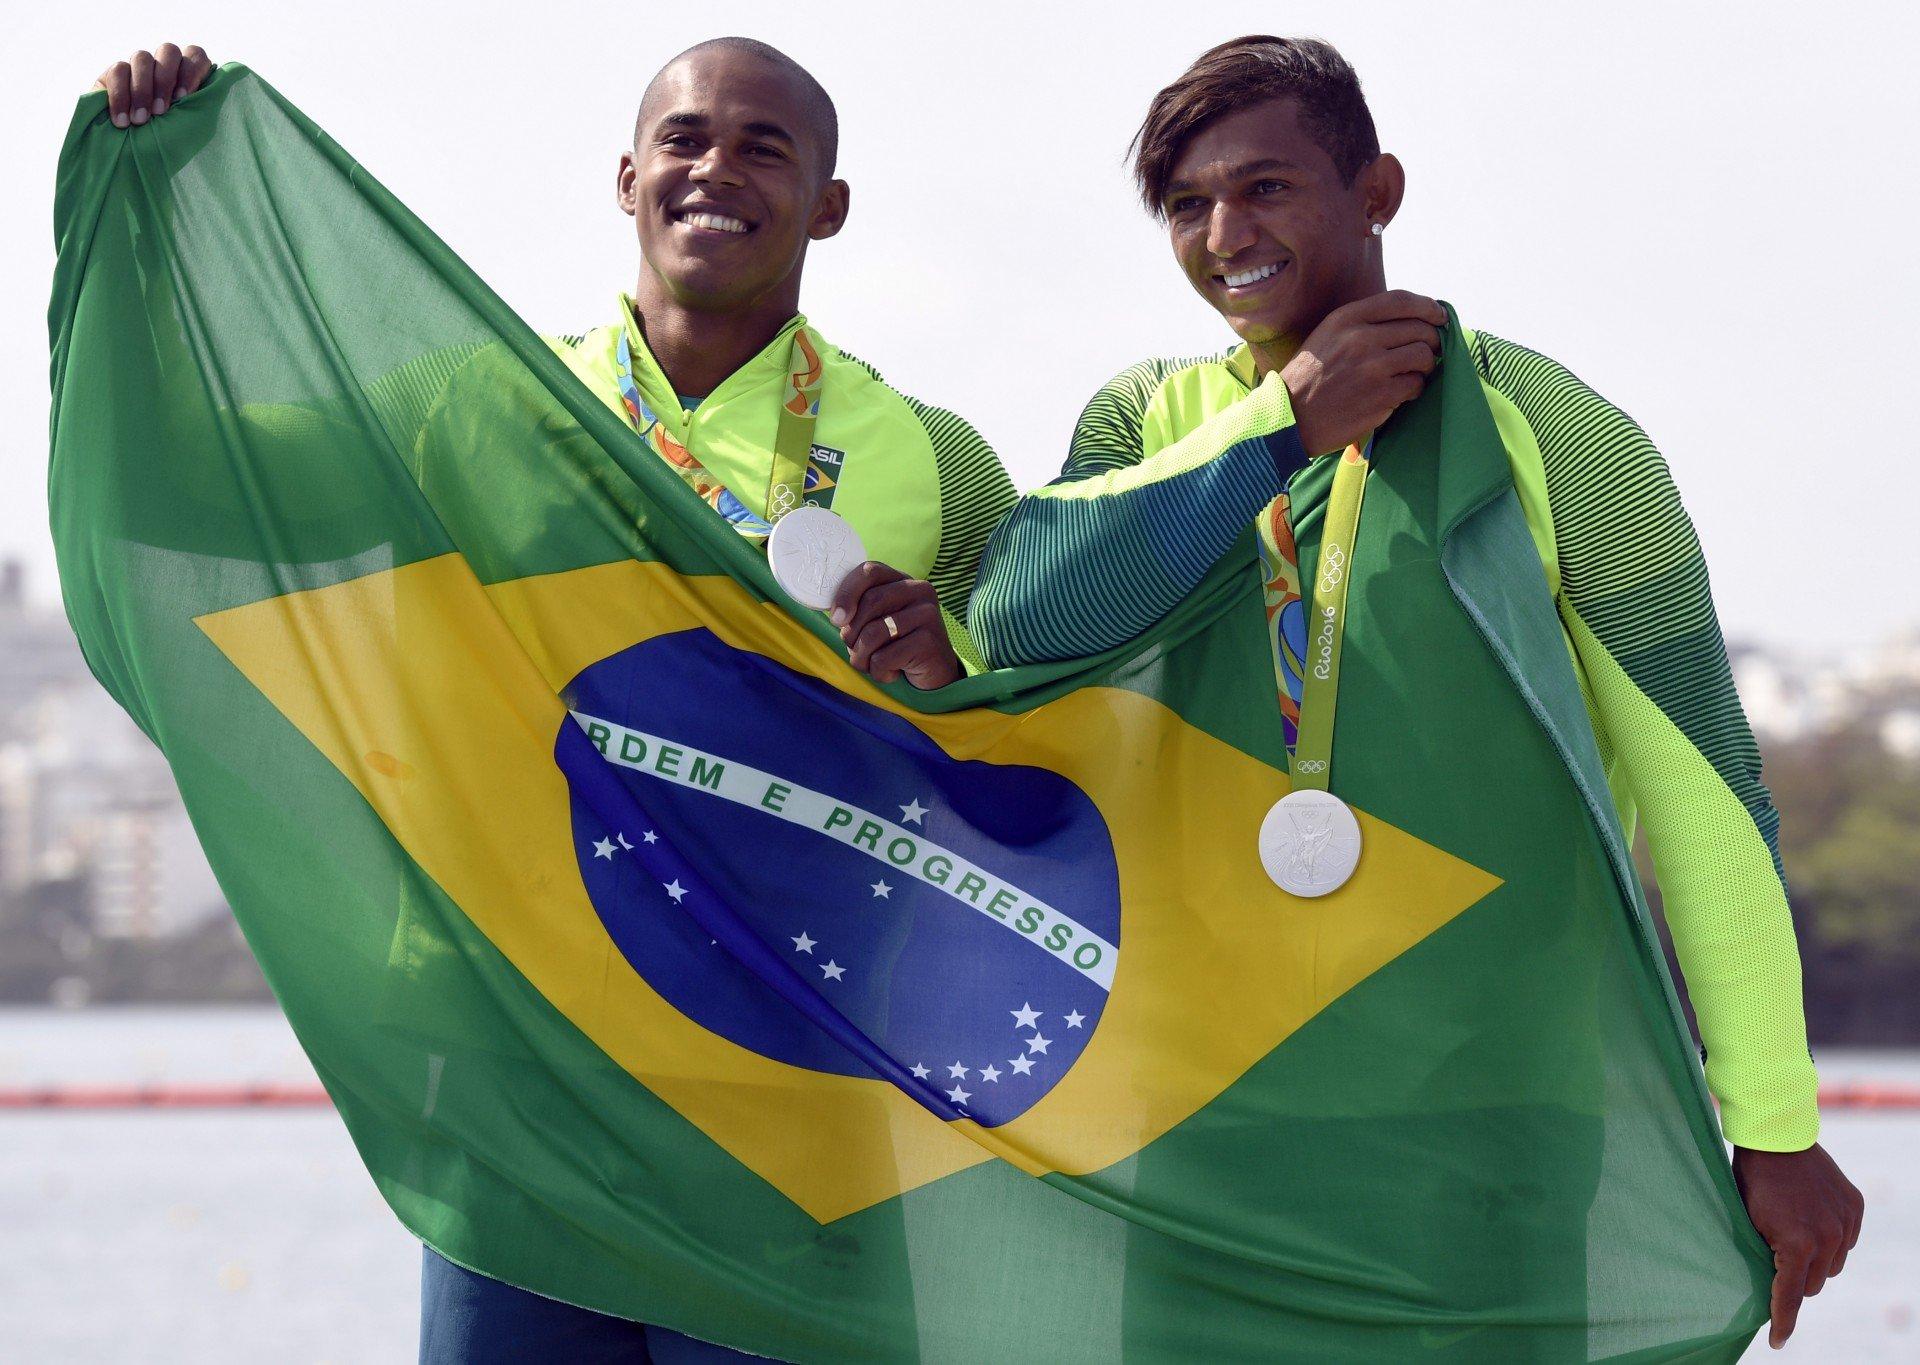 Lima 2019 reunirá mais de 100 medalhistas olímpicos